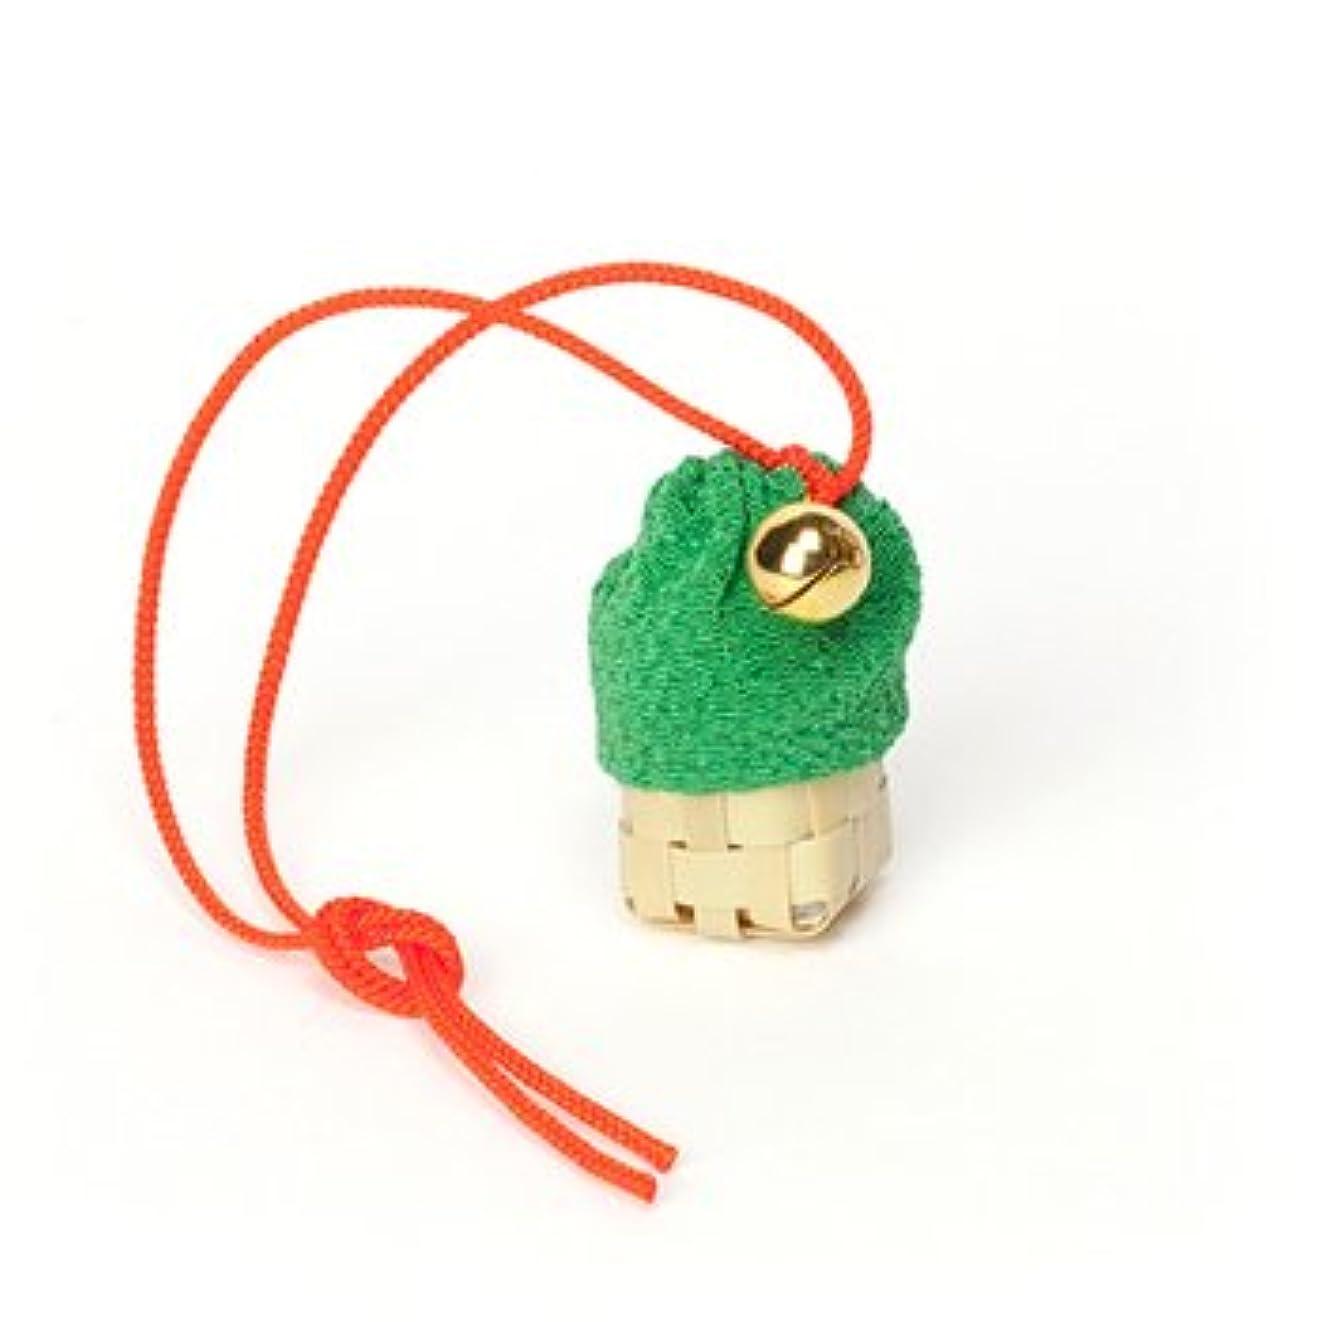 やりがいのある期限理想的には松栄堂 匂い袋 携帯用 ミニ籠 1個入 ケースなし (色をお選びください) (緑)